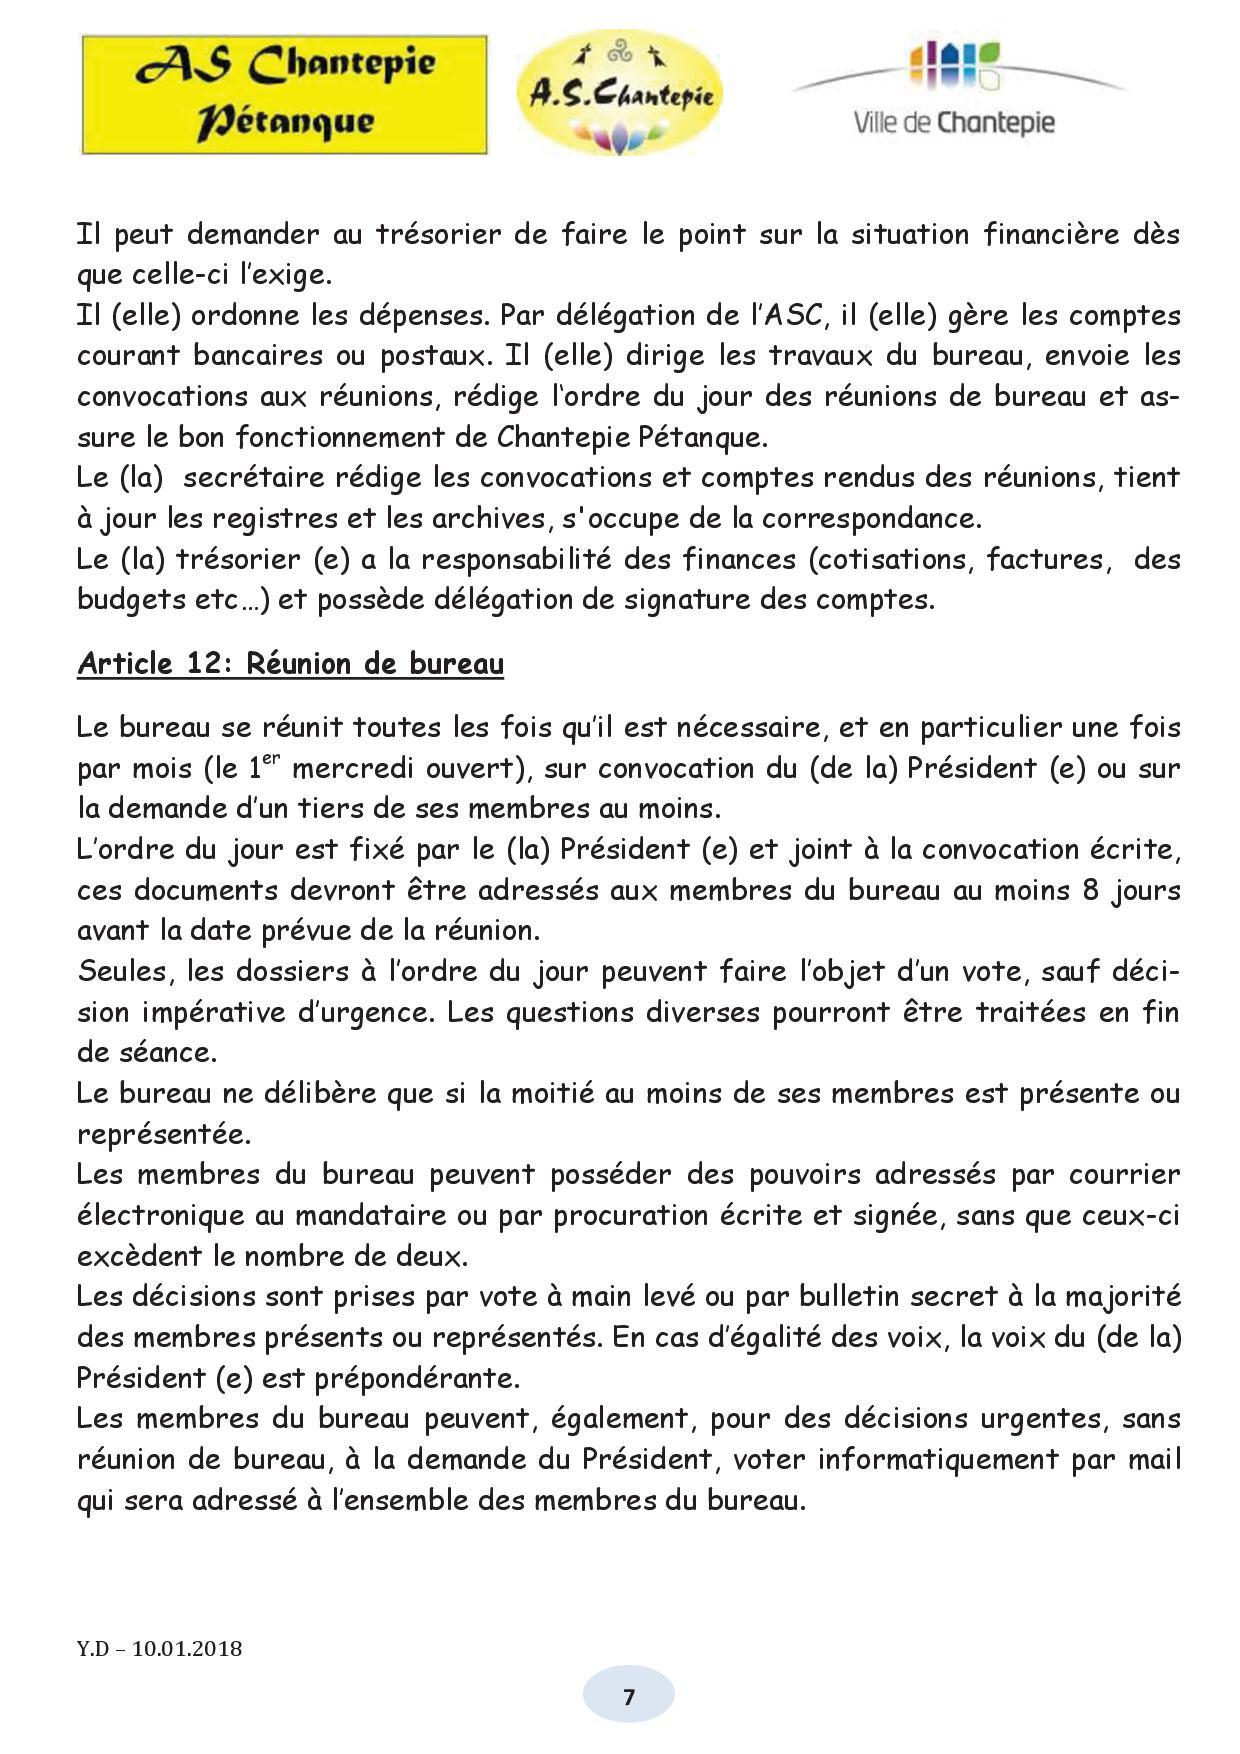 REGLEMENT CHANTEPIE PÉTANQUE  V10.01.2018 ( modif réunion 10.01.18)07.jpg